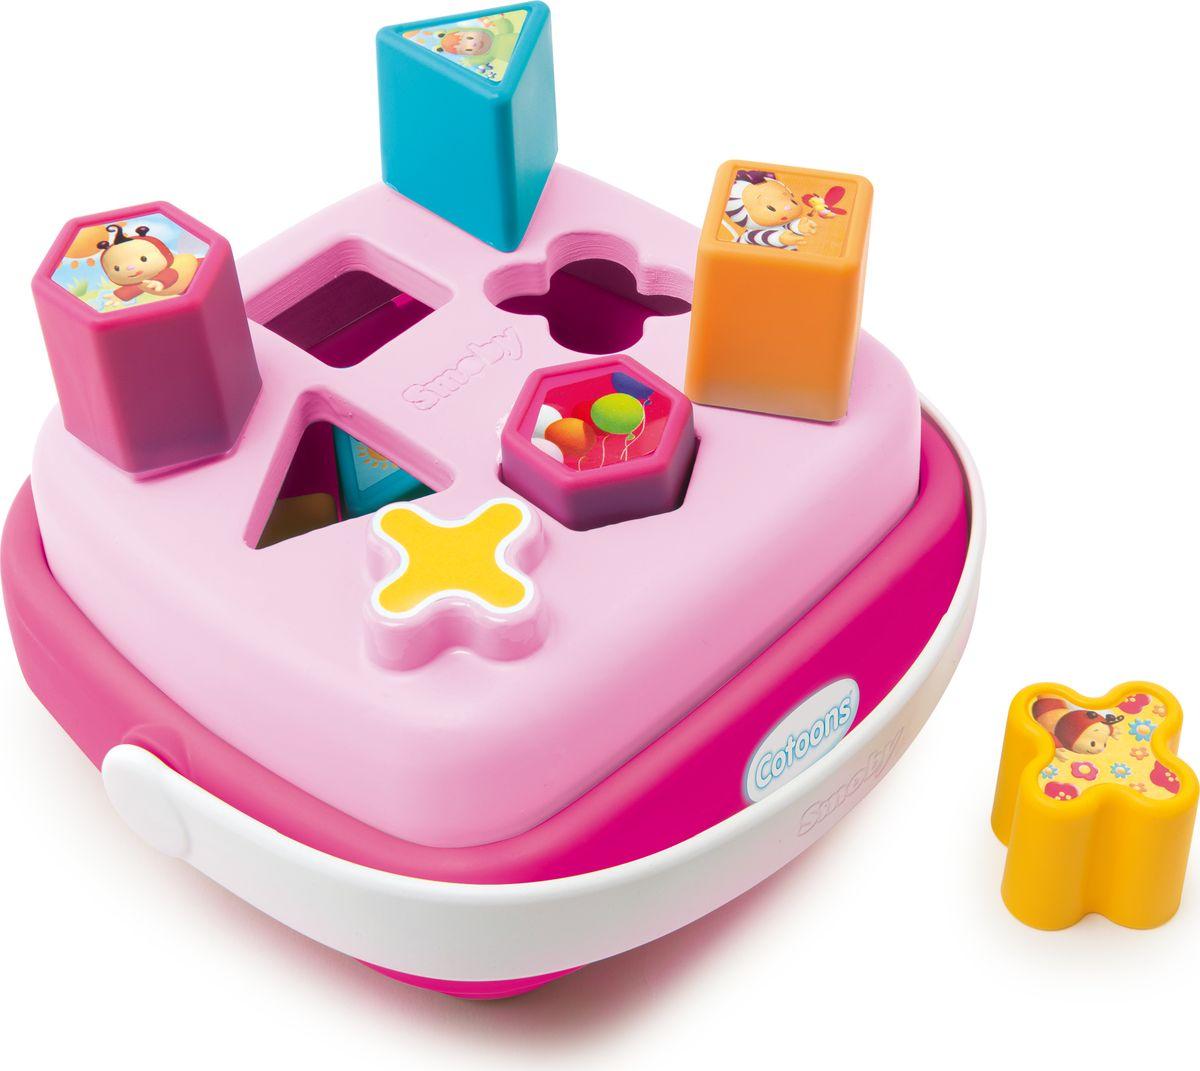 Smoby Сортер Корзинка Cotoons цвет розовый cotoons пирамидка цвета в ассорт с 12 мес